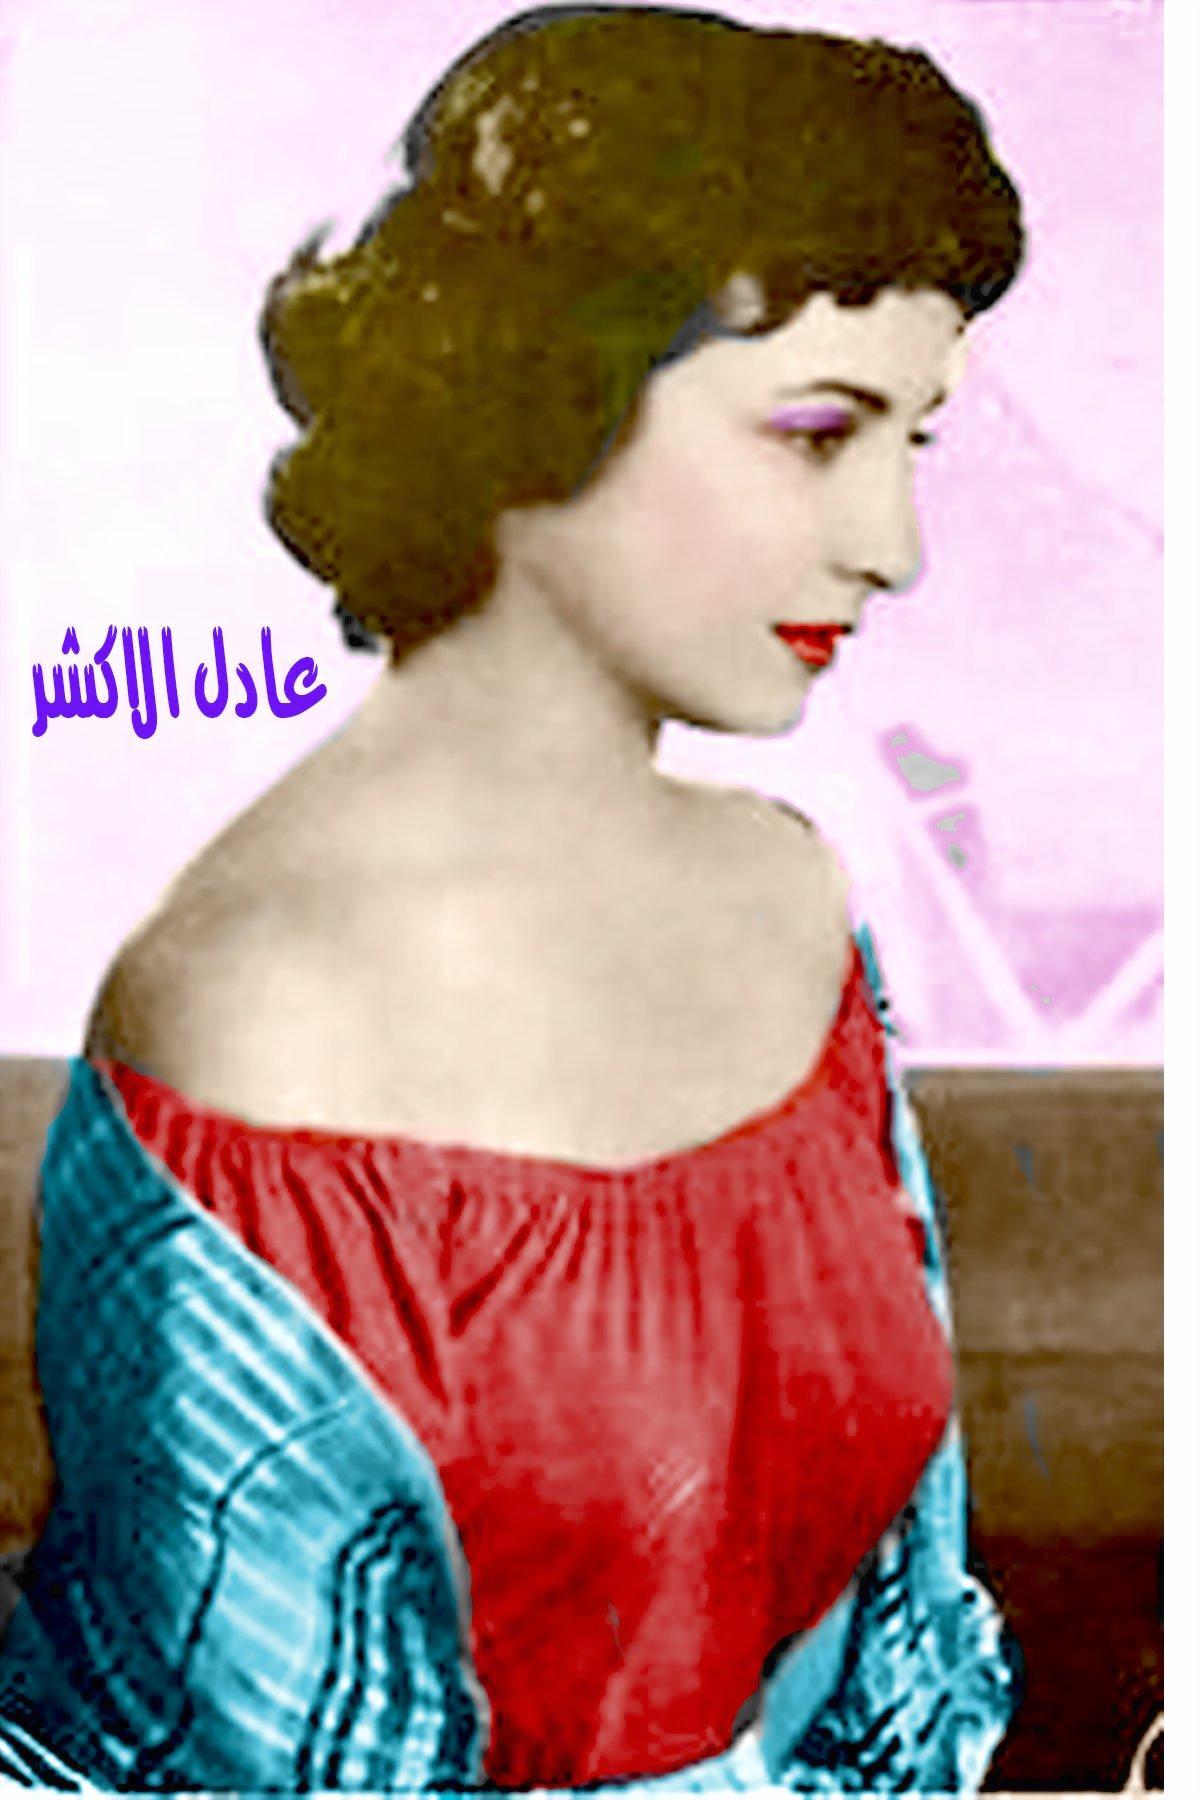 صور الفنانة شادية زمااااااااااان بالوان عادل الاكشر  - صفحة 6 142707820